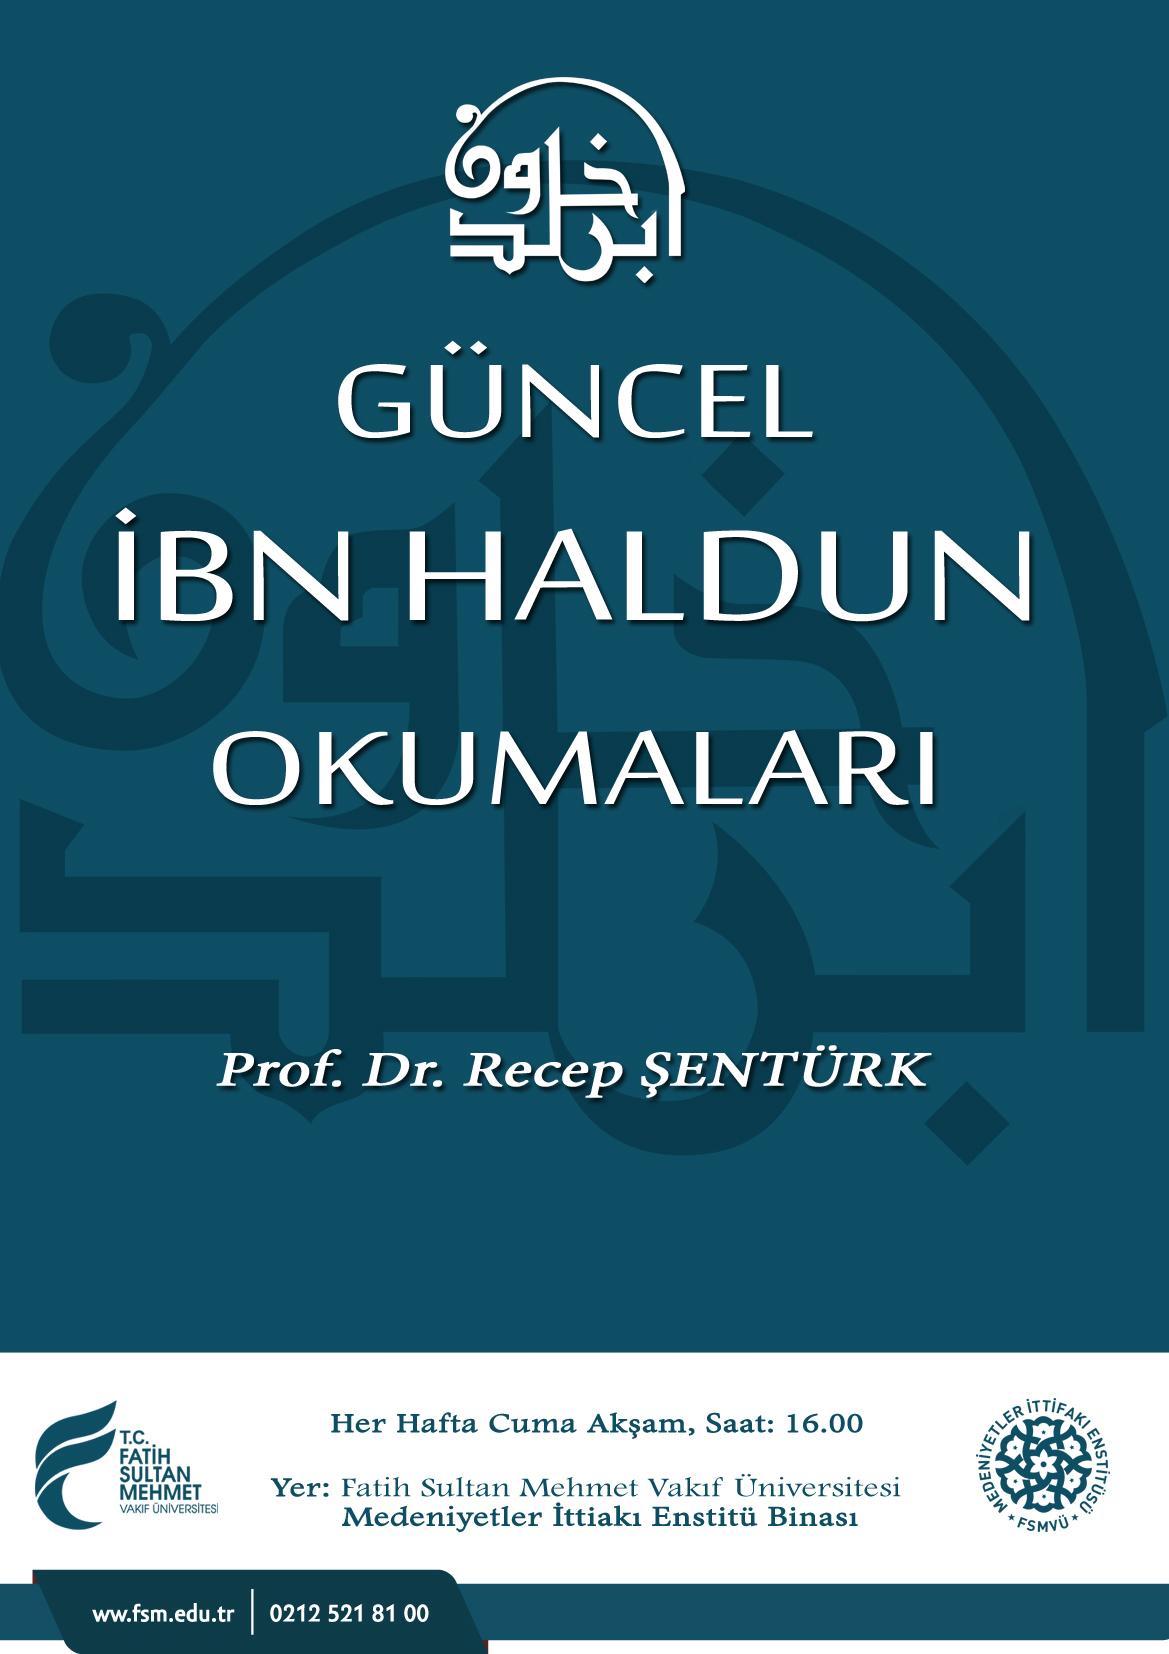 http://medit.fsm.edu.tr/resimler/upload/Mukaddime-Okumalari-Baslamistir-4040314.jpg